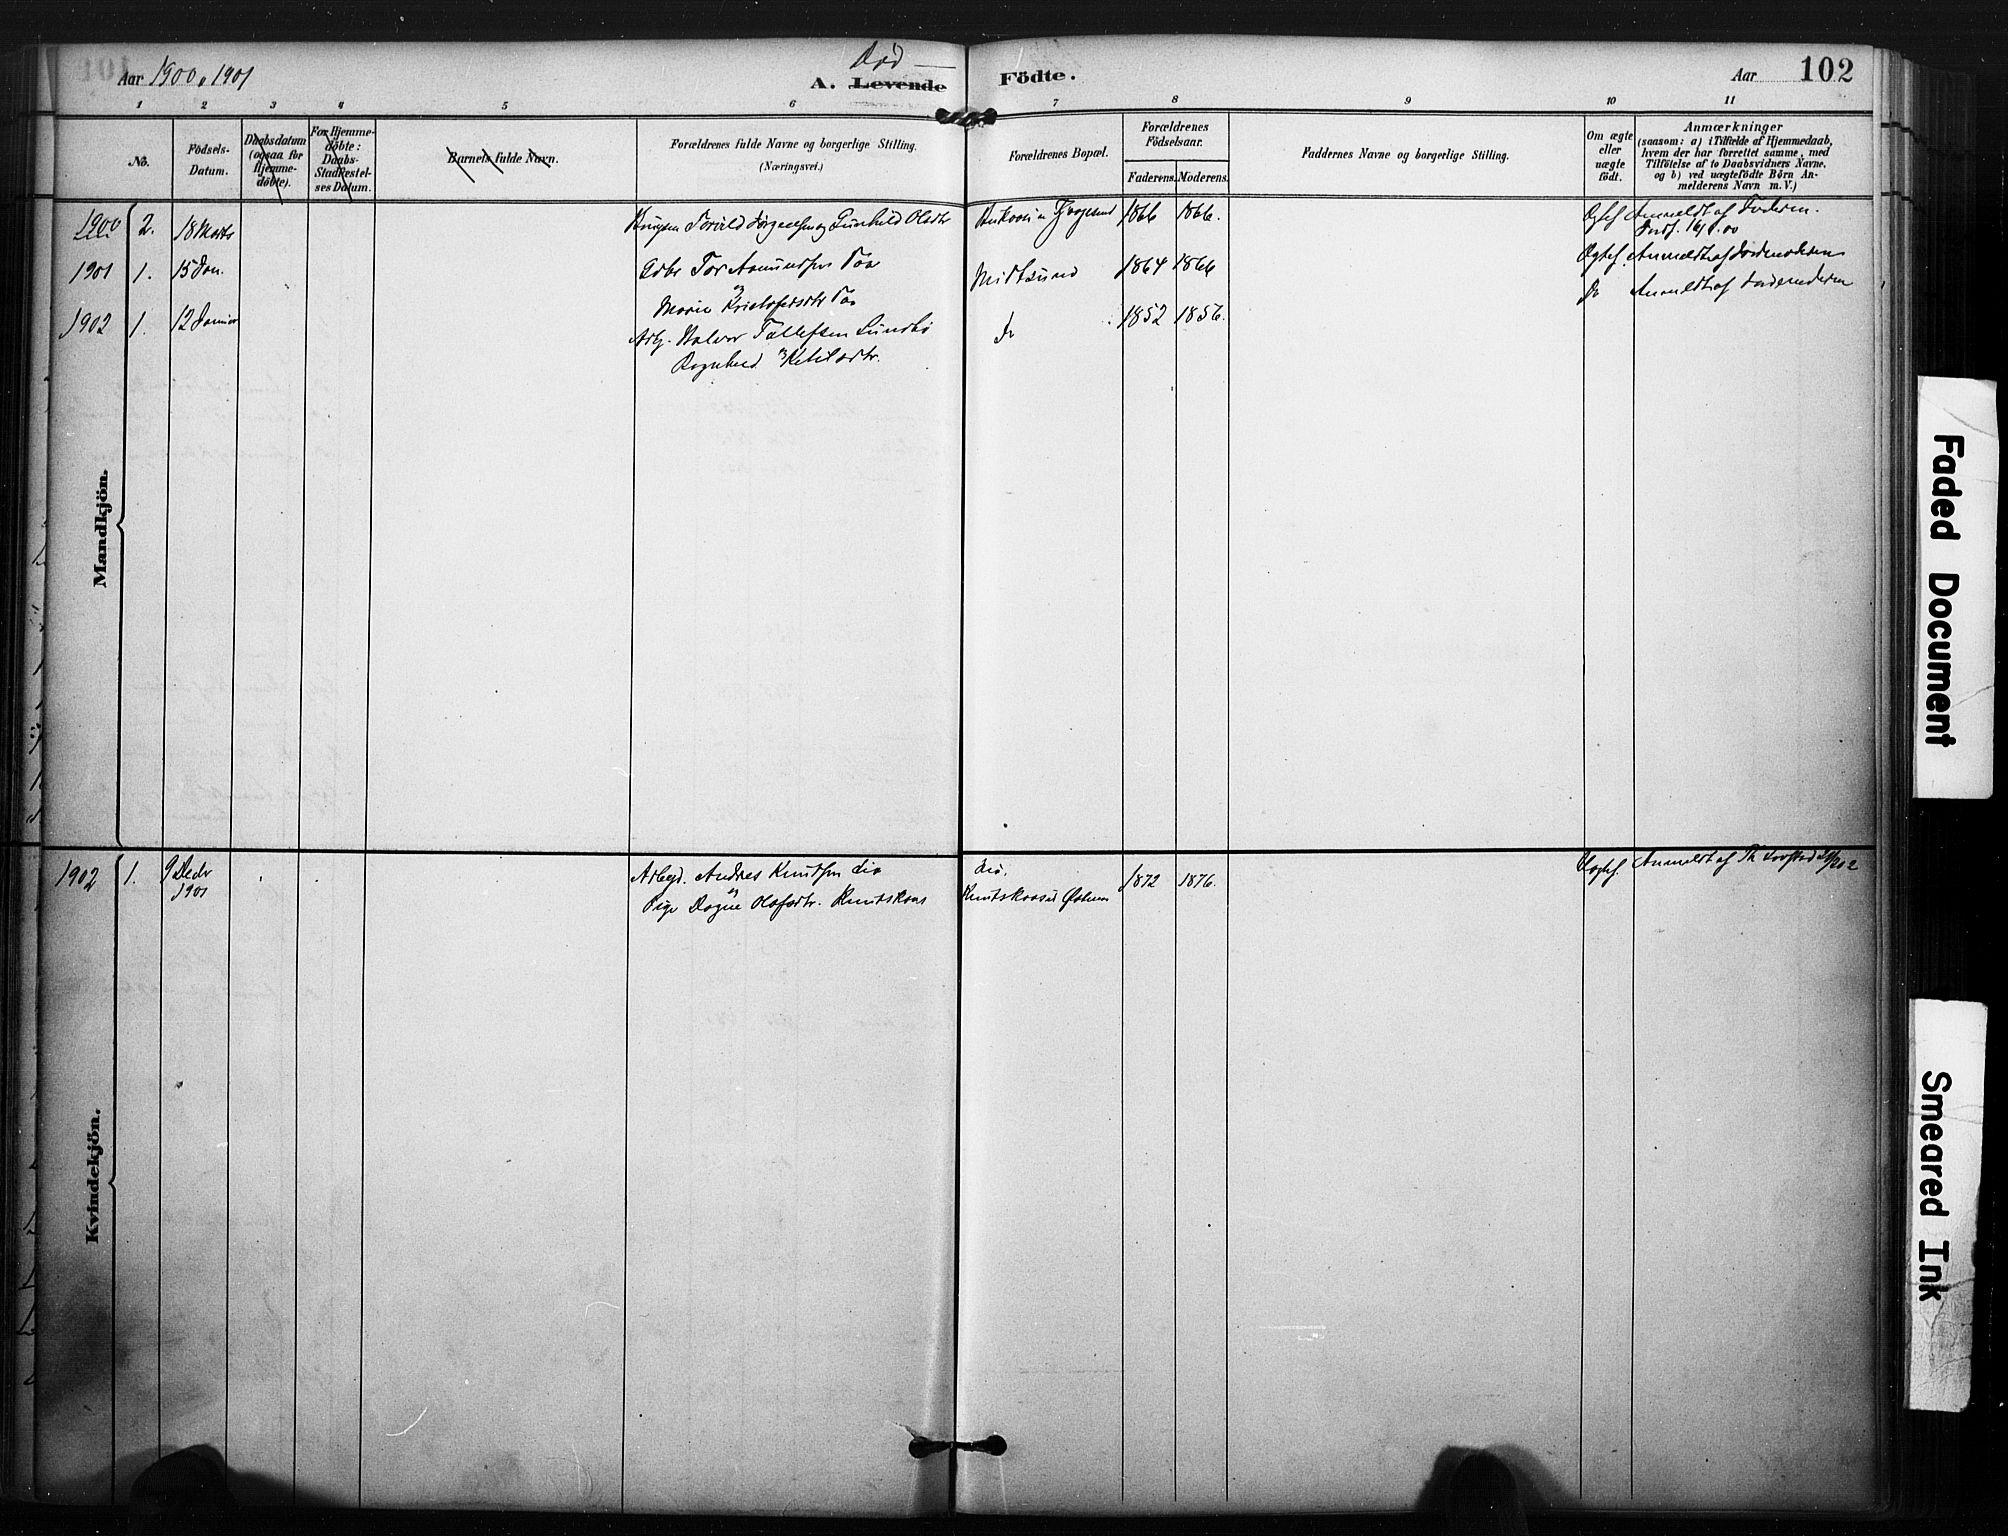 SAKO, Kviteseid kirkebøker, F/Fa/L0008: Ministerialbok nr. I 8, 1882-1903, s. 102